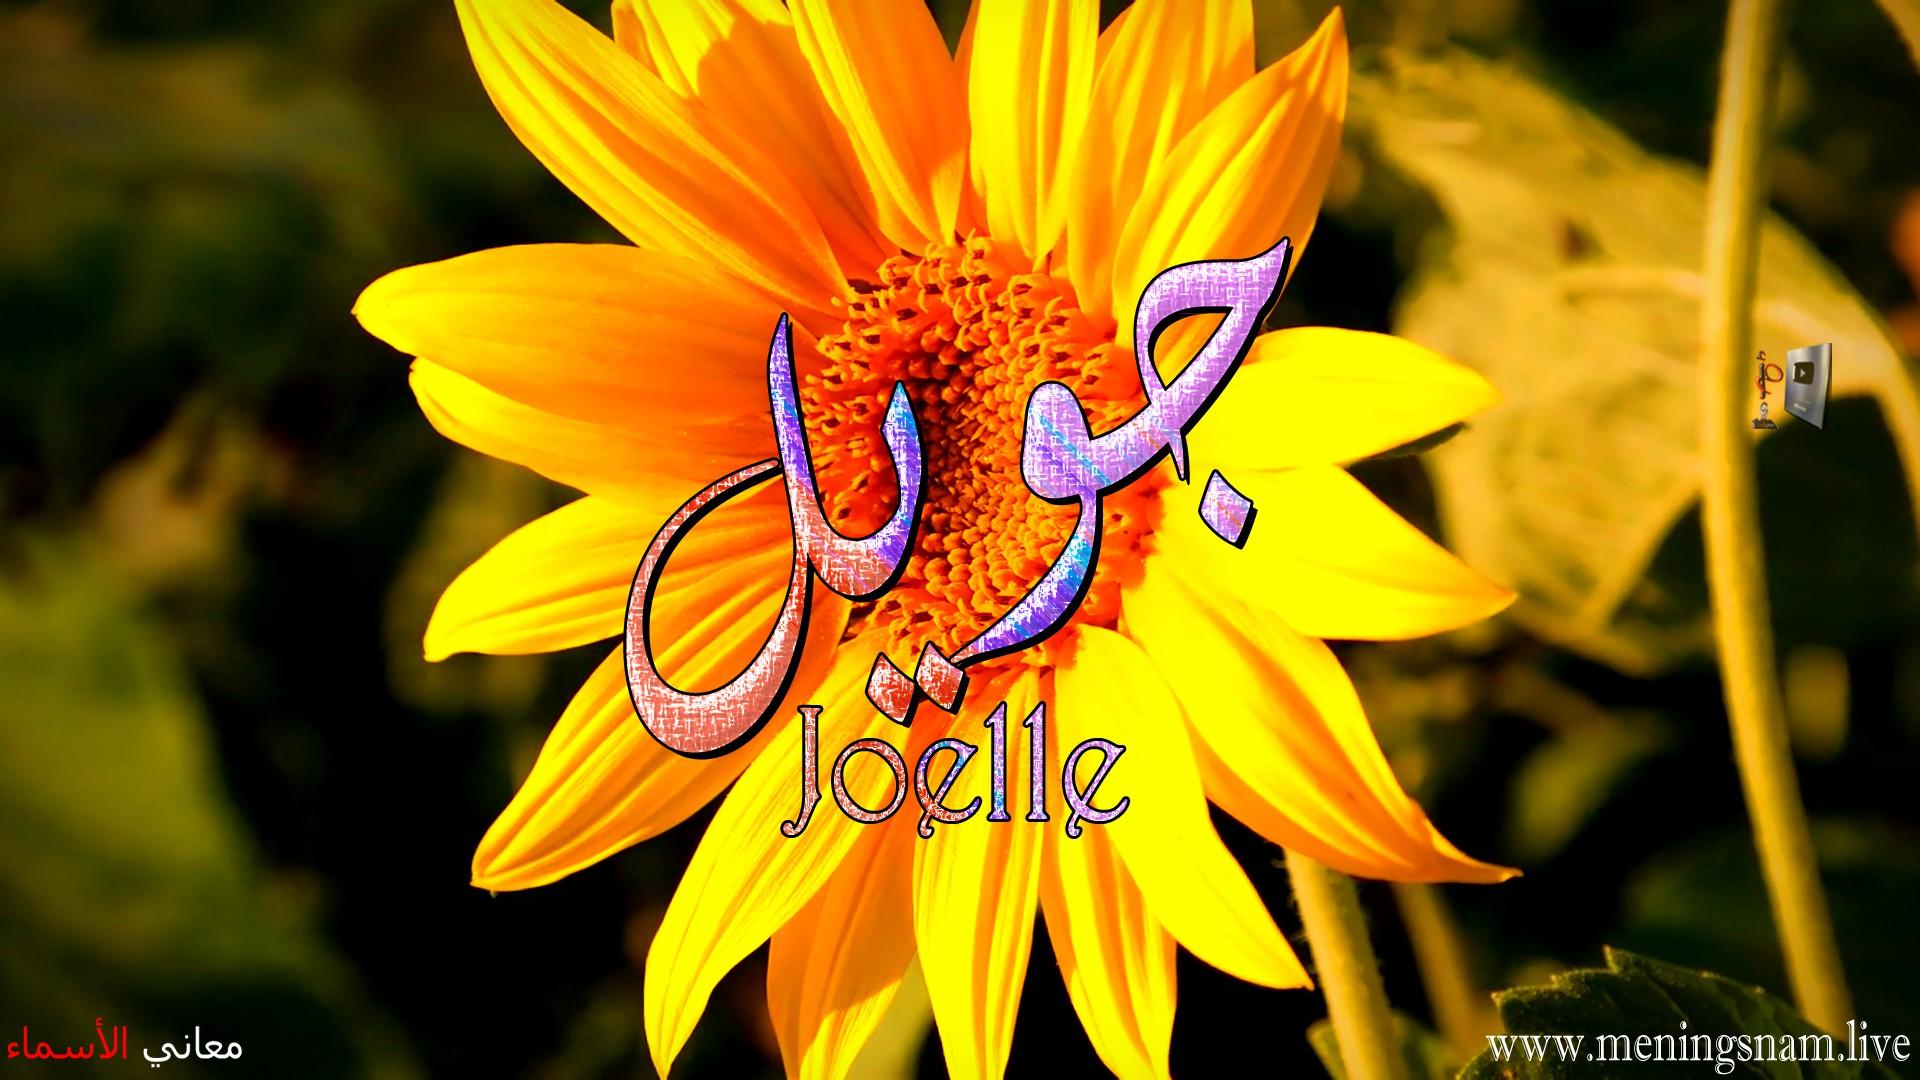 معنى اسم جويل وصفات حاملة و حامل هذا الاسم Joelle